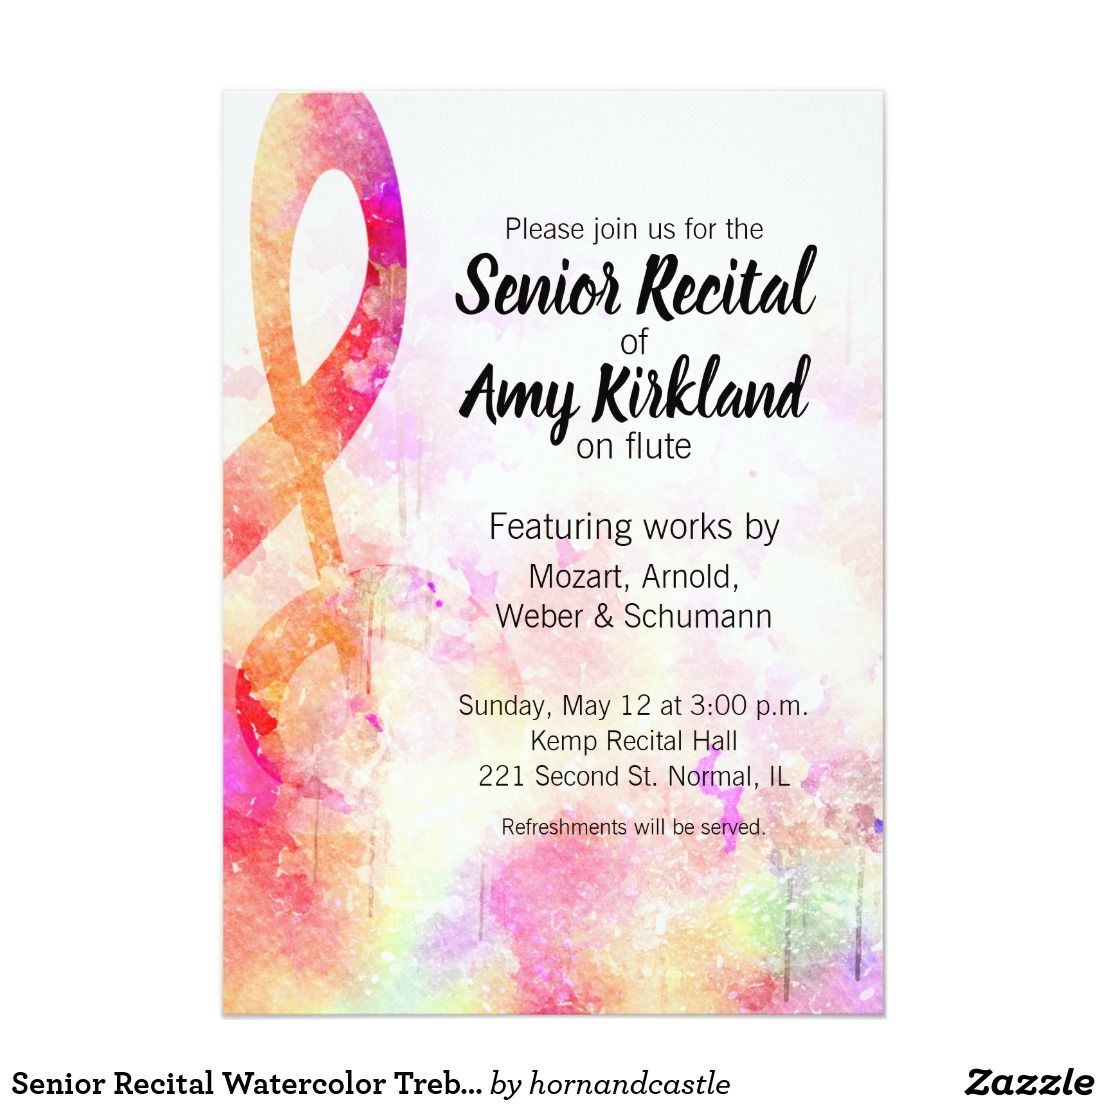 Senior Recital Watercolor Treble Clef Invitation Zazzle Com Recital Invitations Treble Clef